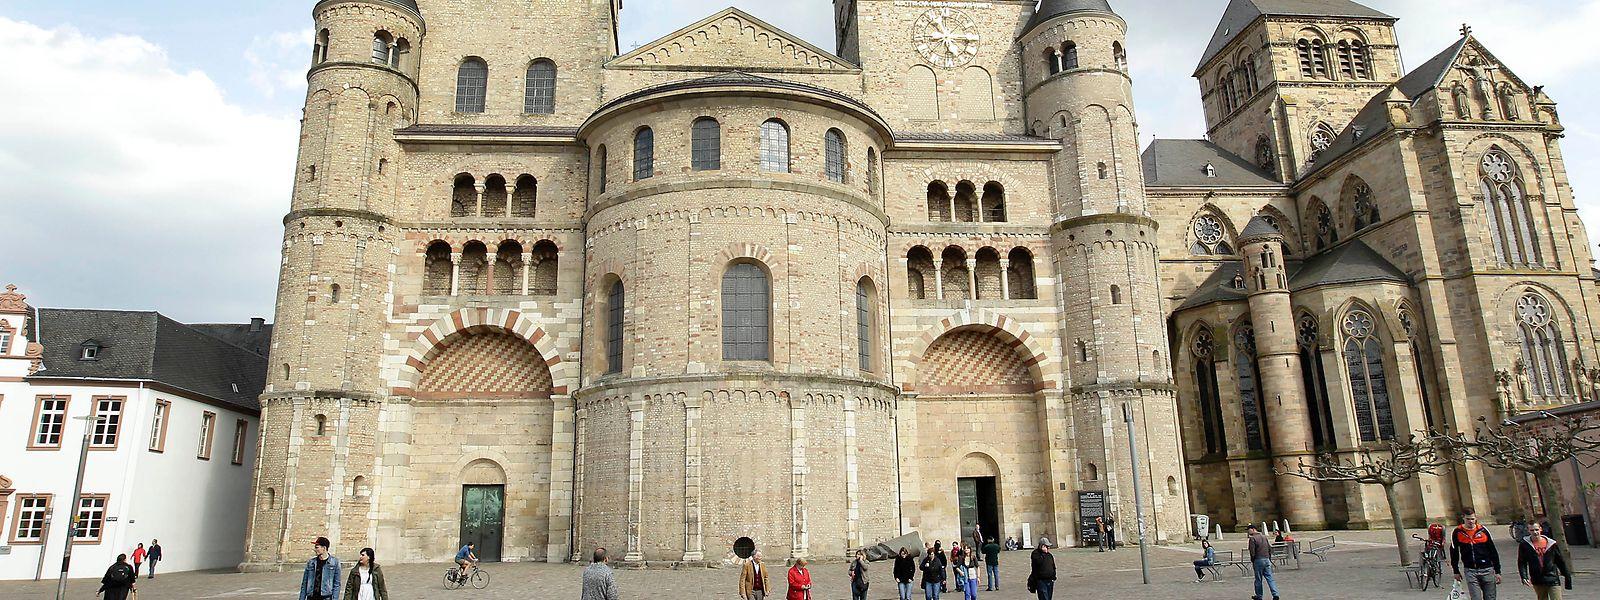 Der Domfreihof in Trier. Zum Bischof-Stein-Platz hinter dem Dom geht es durch die Windstraße am linken Bildrand.